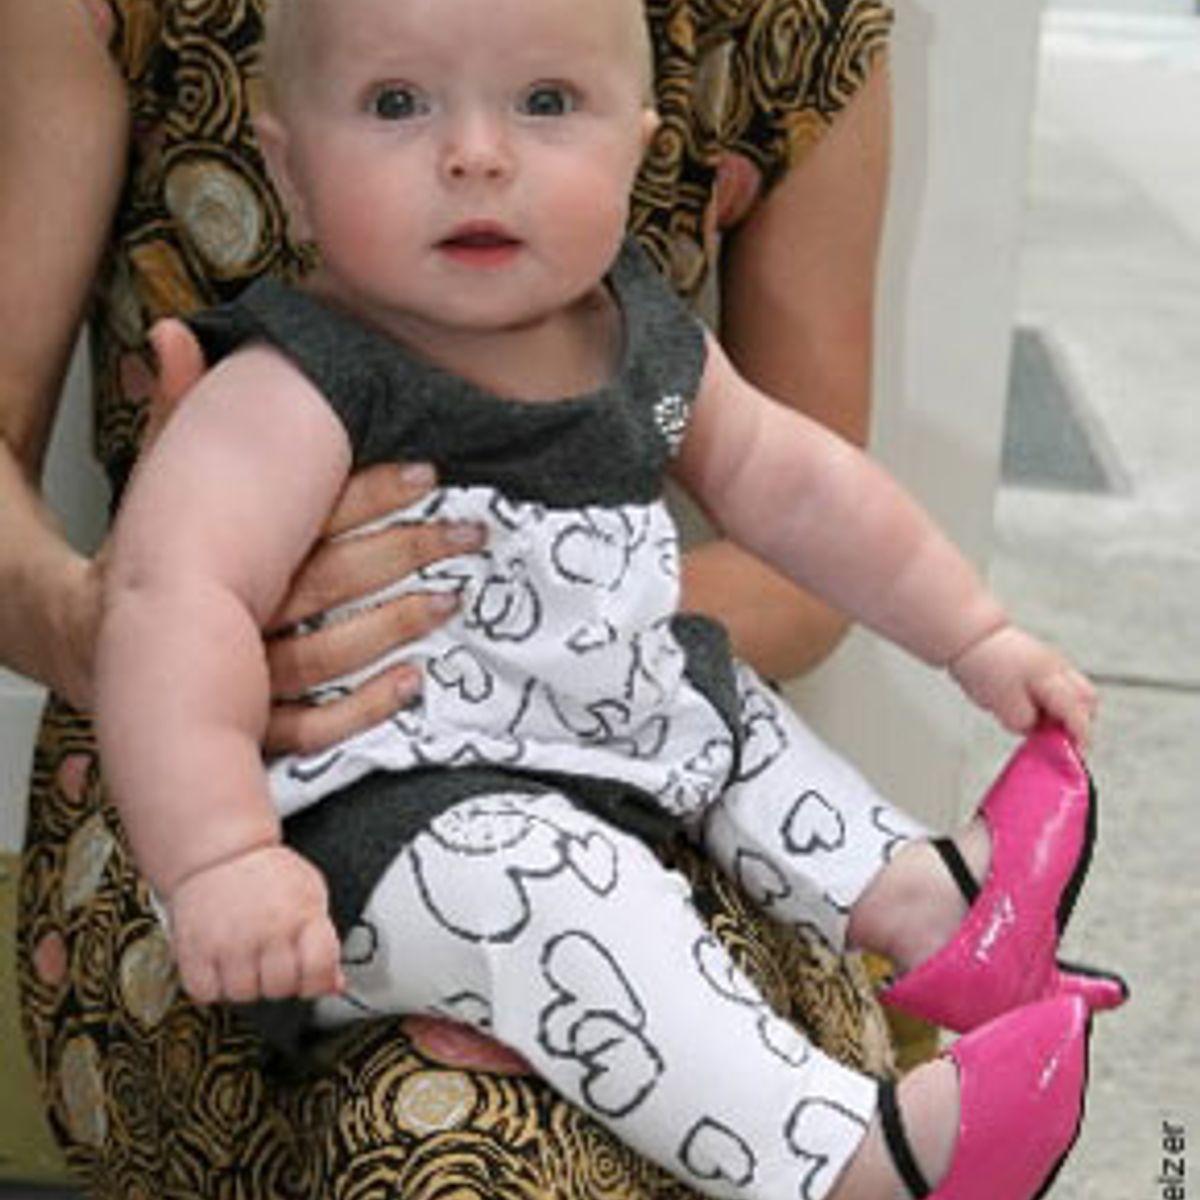 Baby's first stilettos   Salon.com